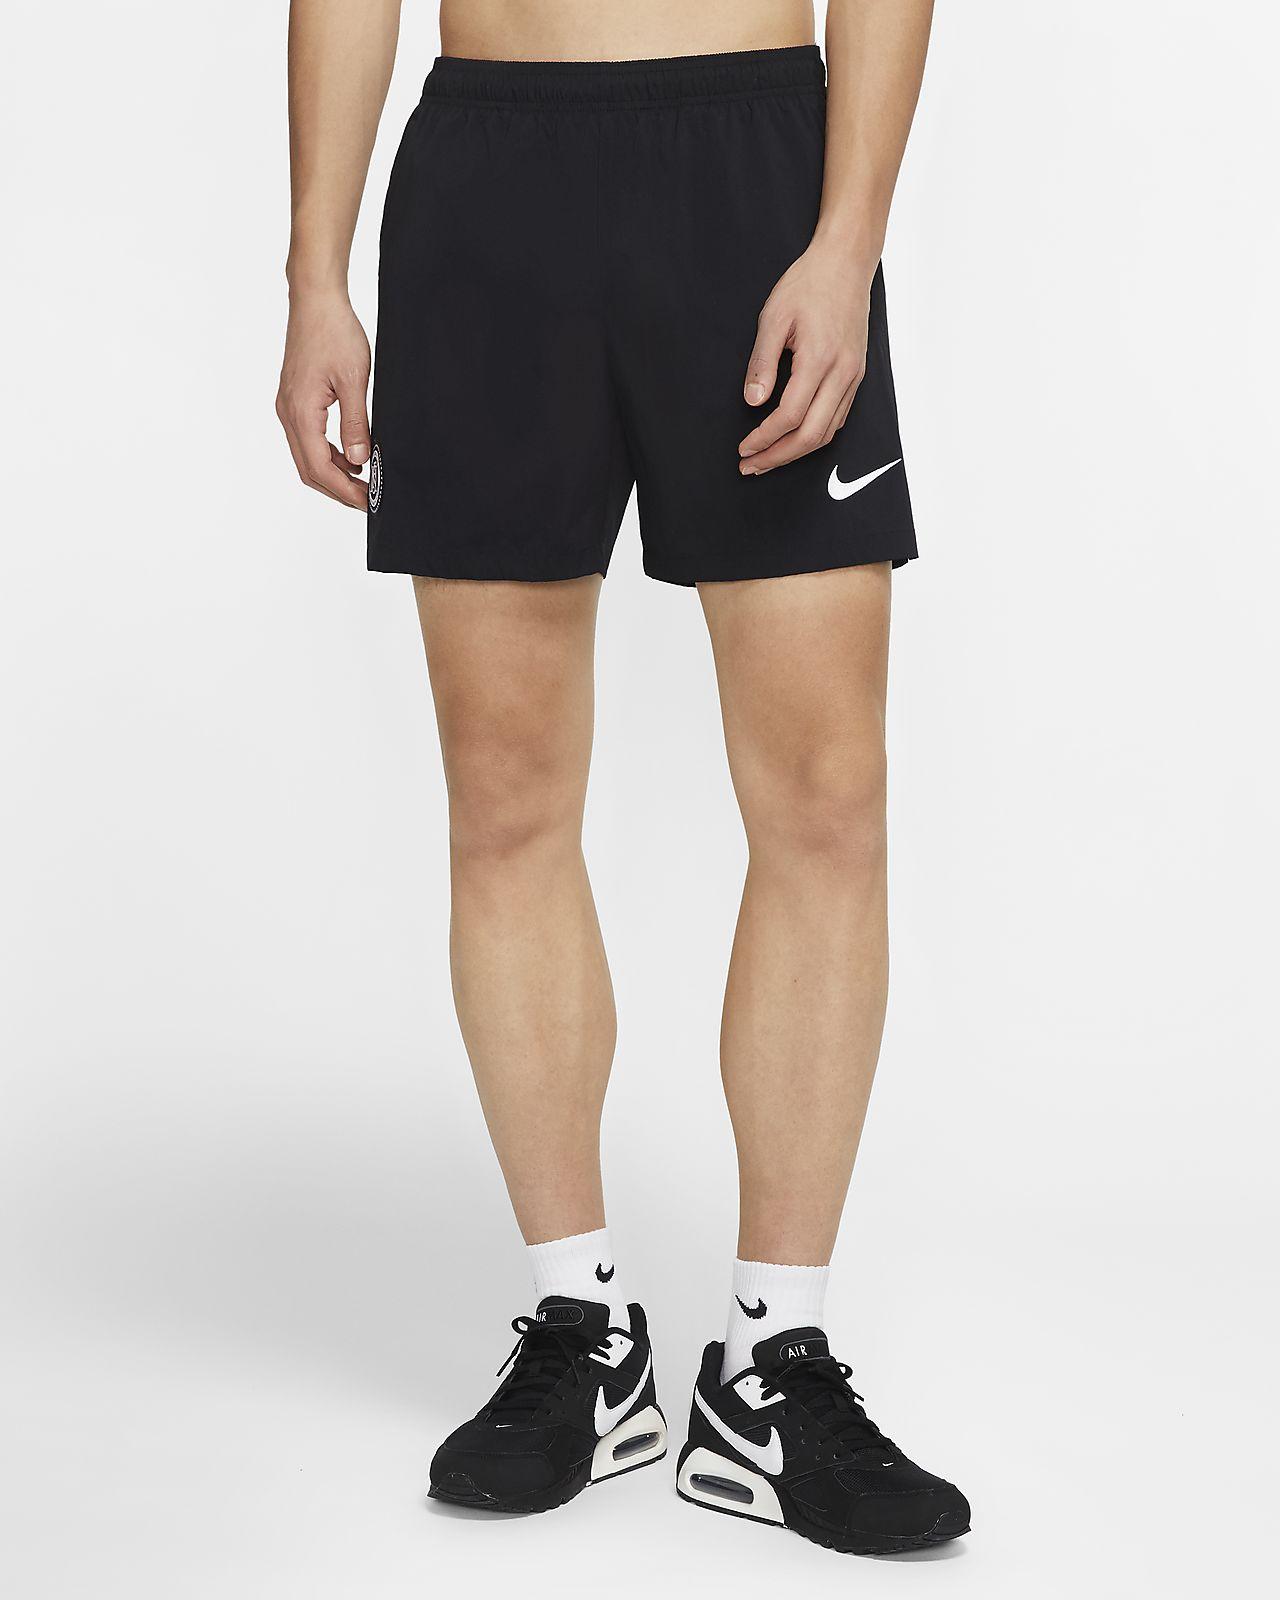 Nike F.C. 男子梭织足球短裤